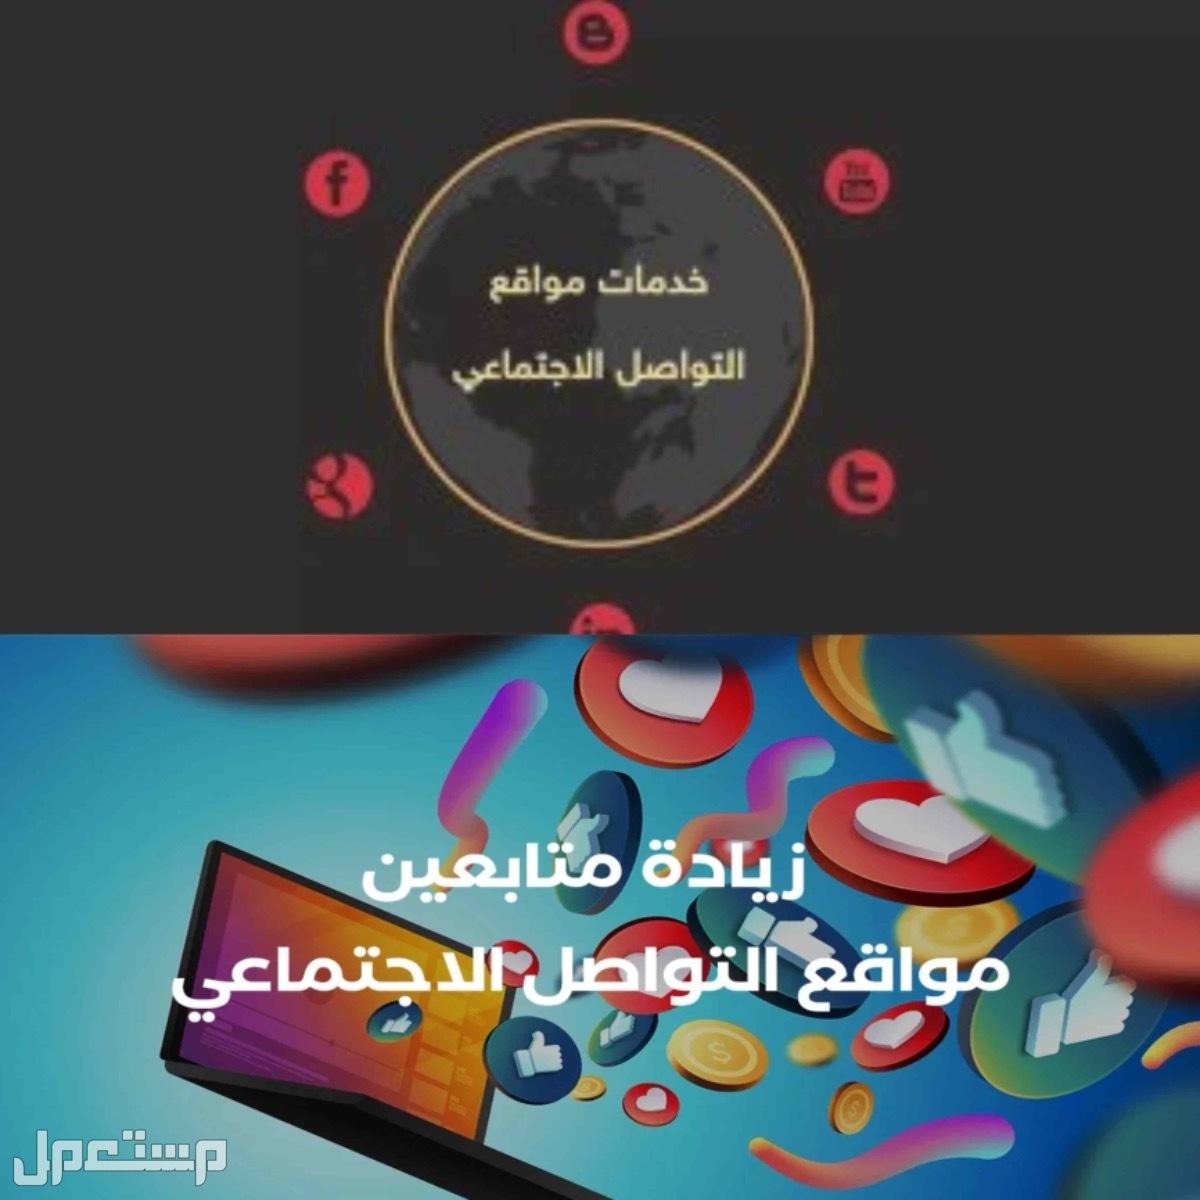 خدمات مواقع التواصل متابعين انستقرام تيك توك